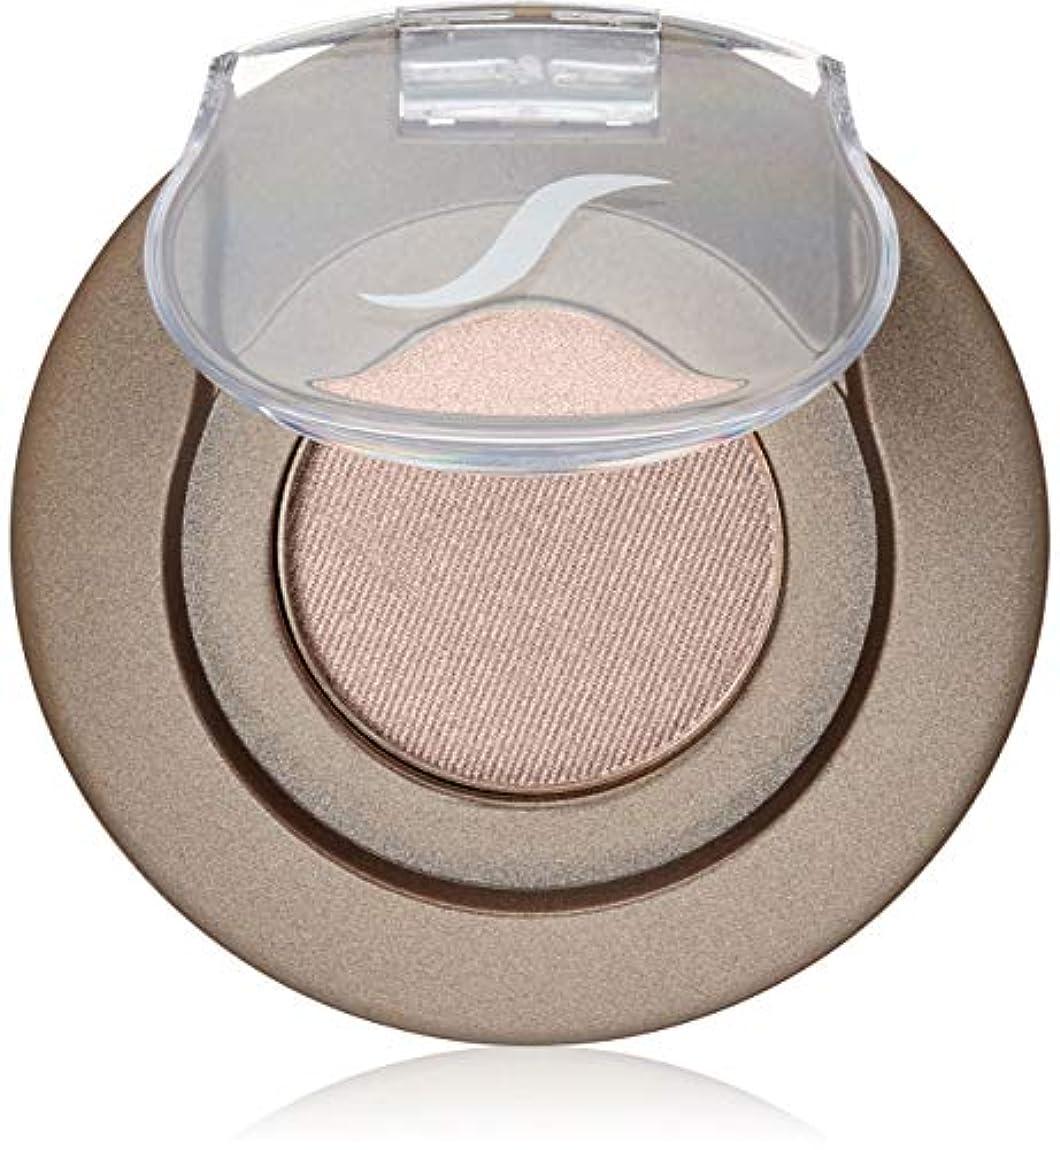 生き物選挙道Sorme' Treatment Cosmetics Sorme化粧品ミネラルボタニカルアイシャドー、0.05オンス 0.05オンス フラッシュ